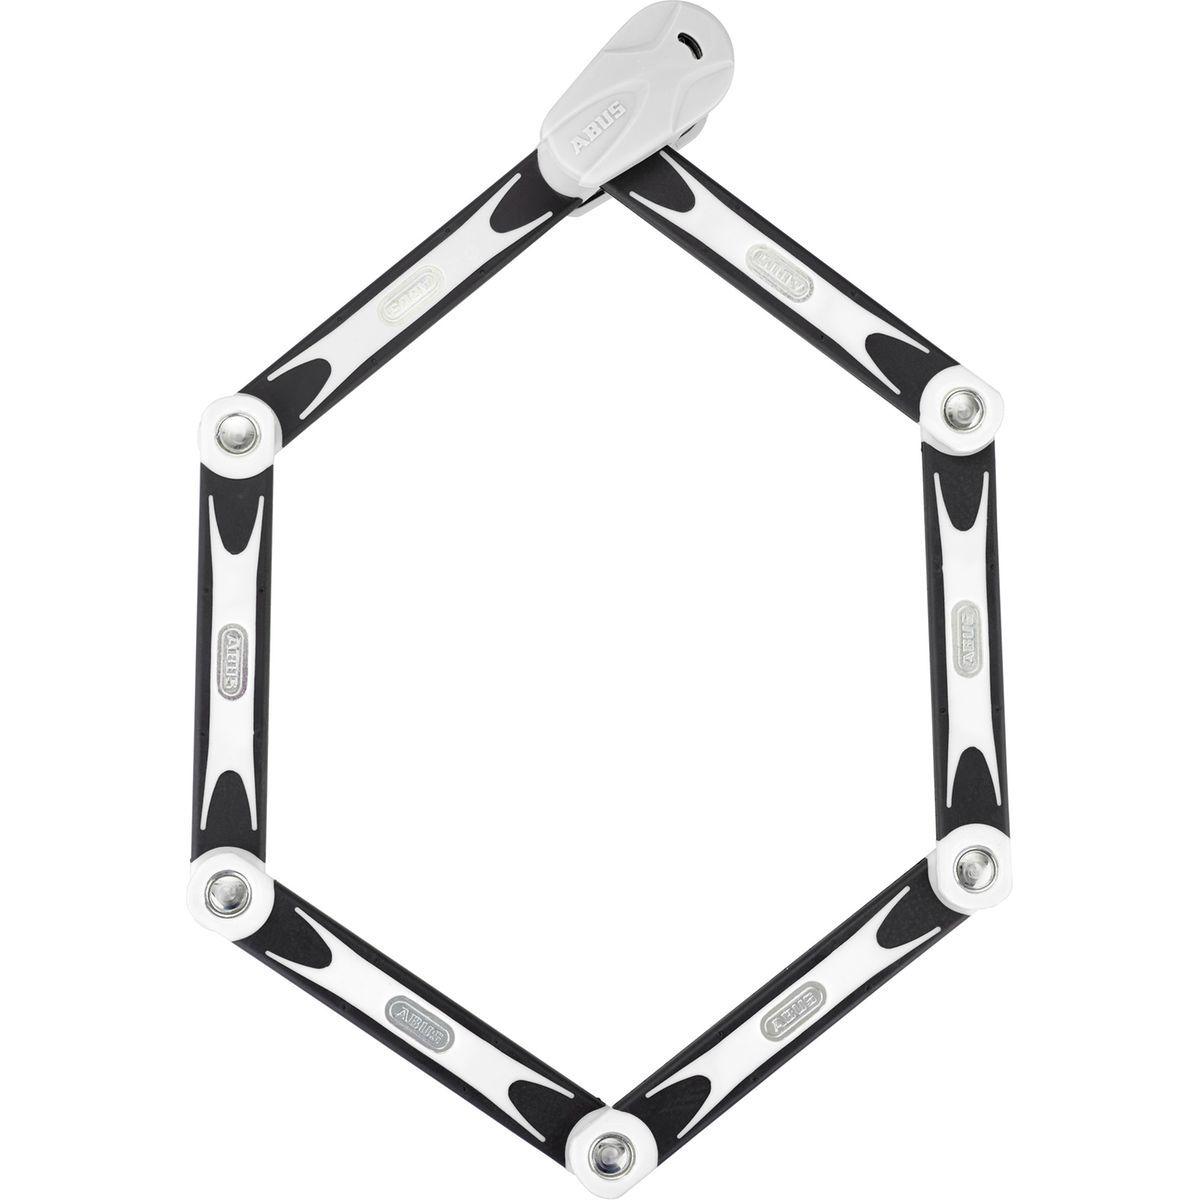 Blanc 90 cm ABUS Bordo Combo 6100//90 Cadenas